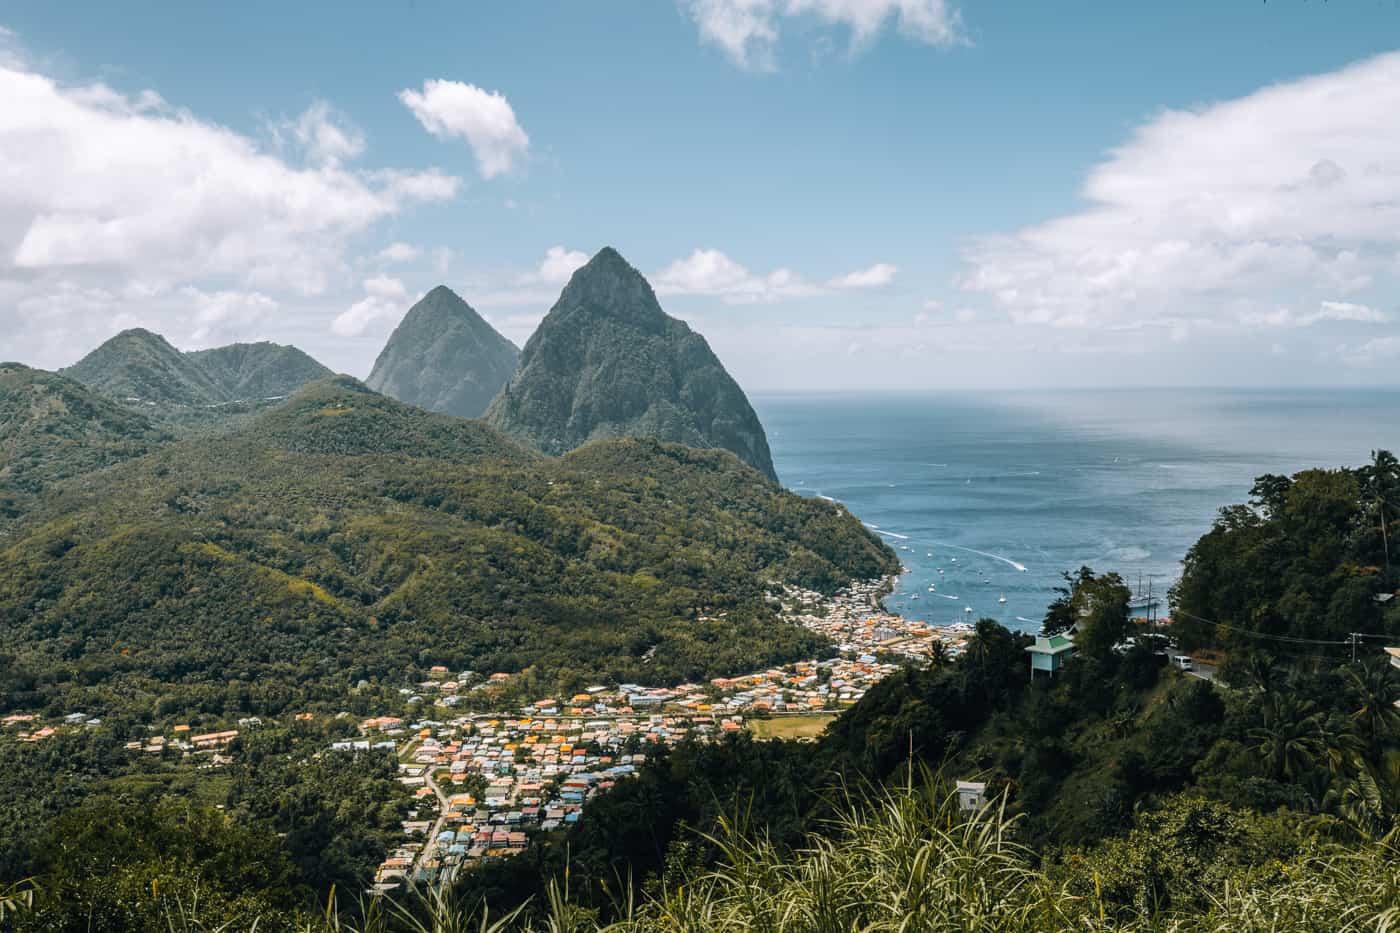 Saint Lucia - Tipps, Sehenswürdigkeiten, Strände & Ausflugsziele auf der Karibik-Insel: Soufriere